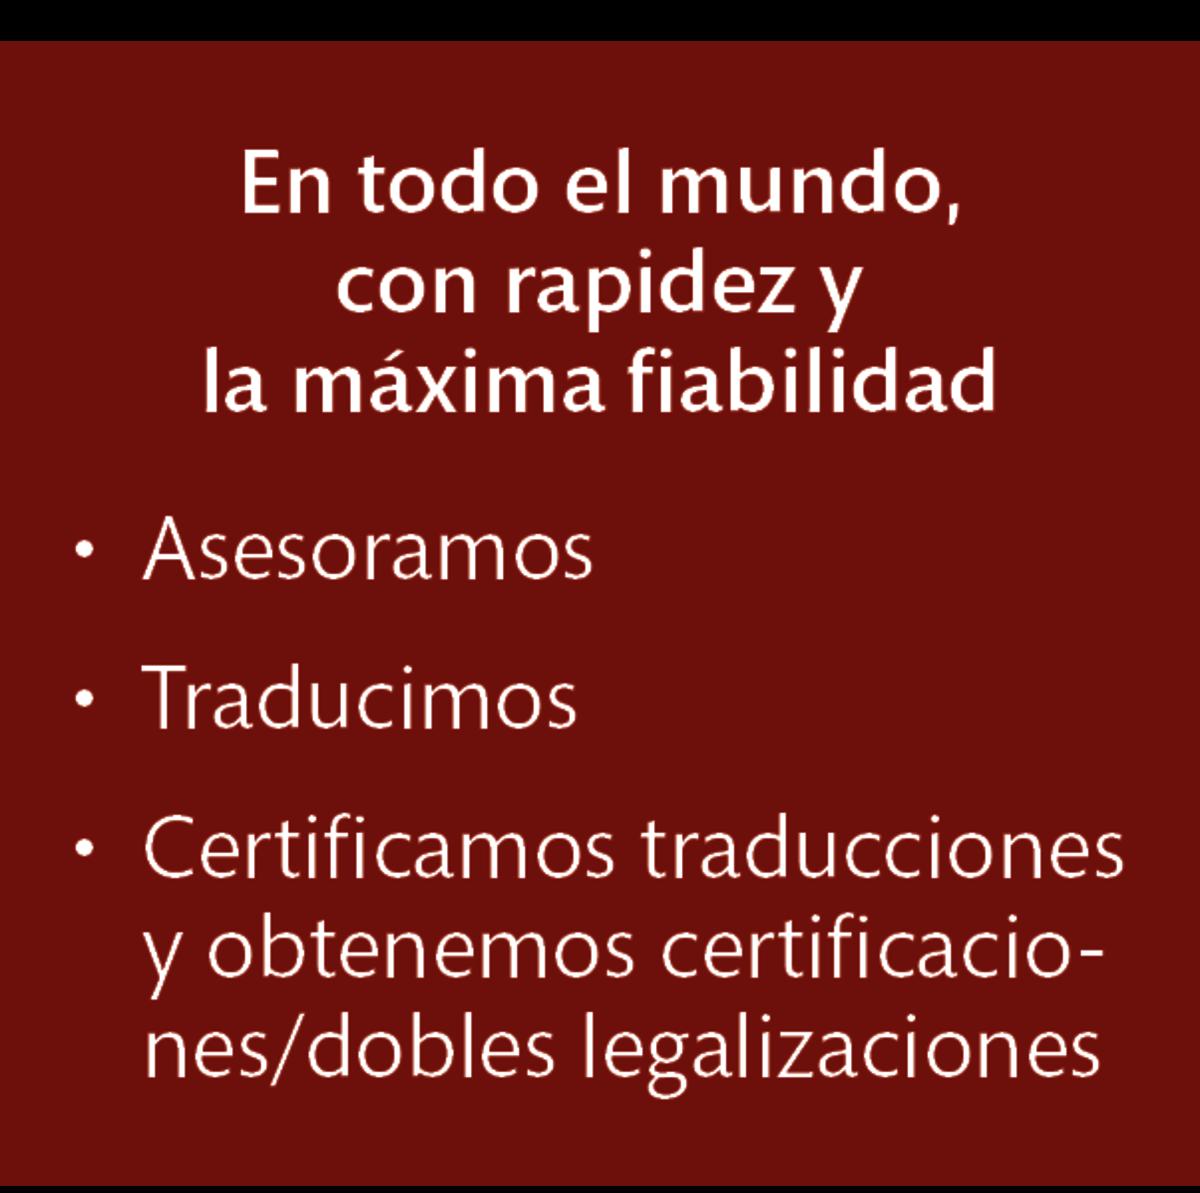 LT Lawtank - Traducciones juradas - En todo el mundo, con rapidez, la máxima fiabilidad